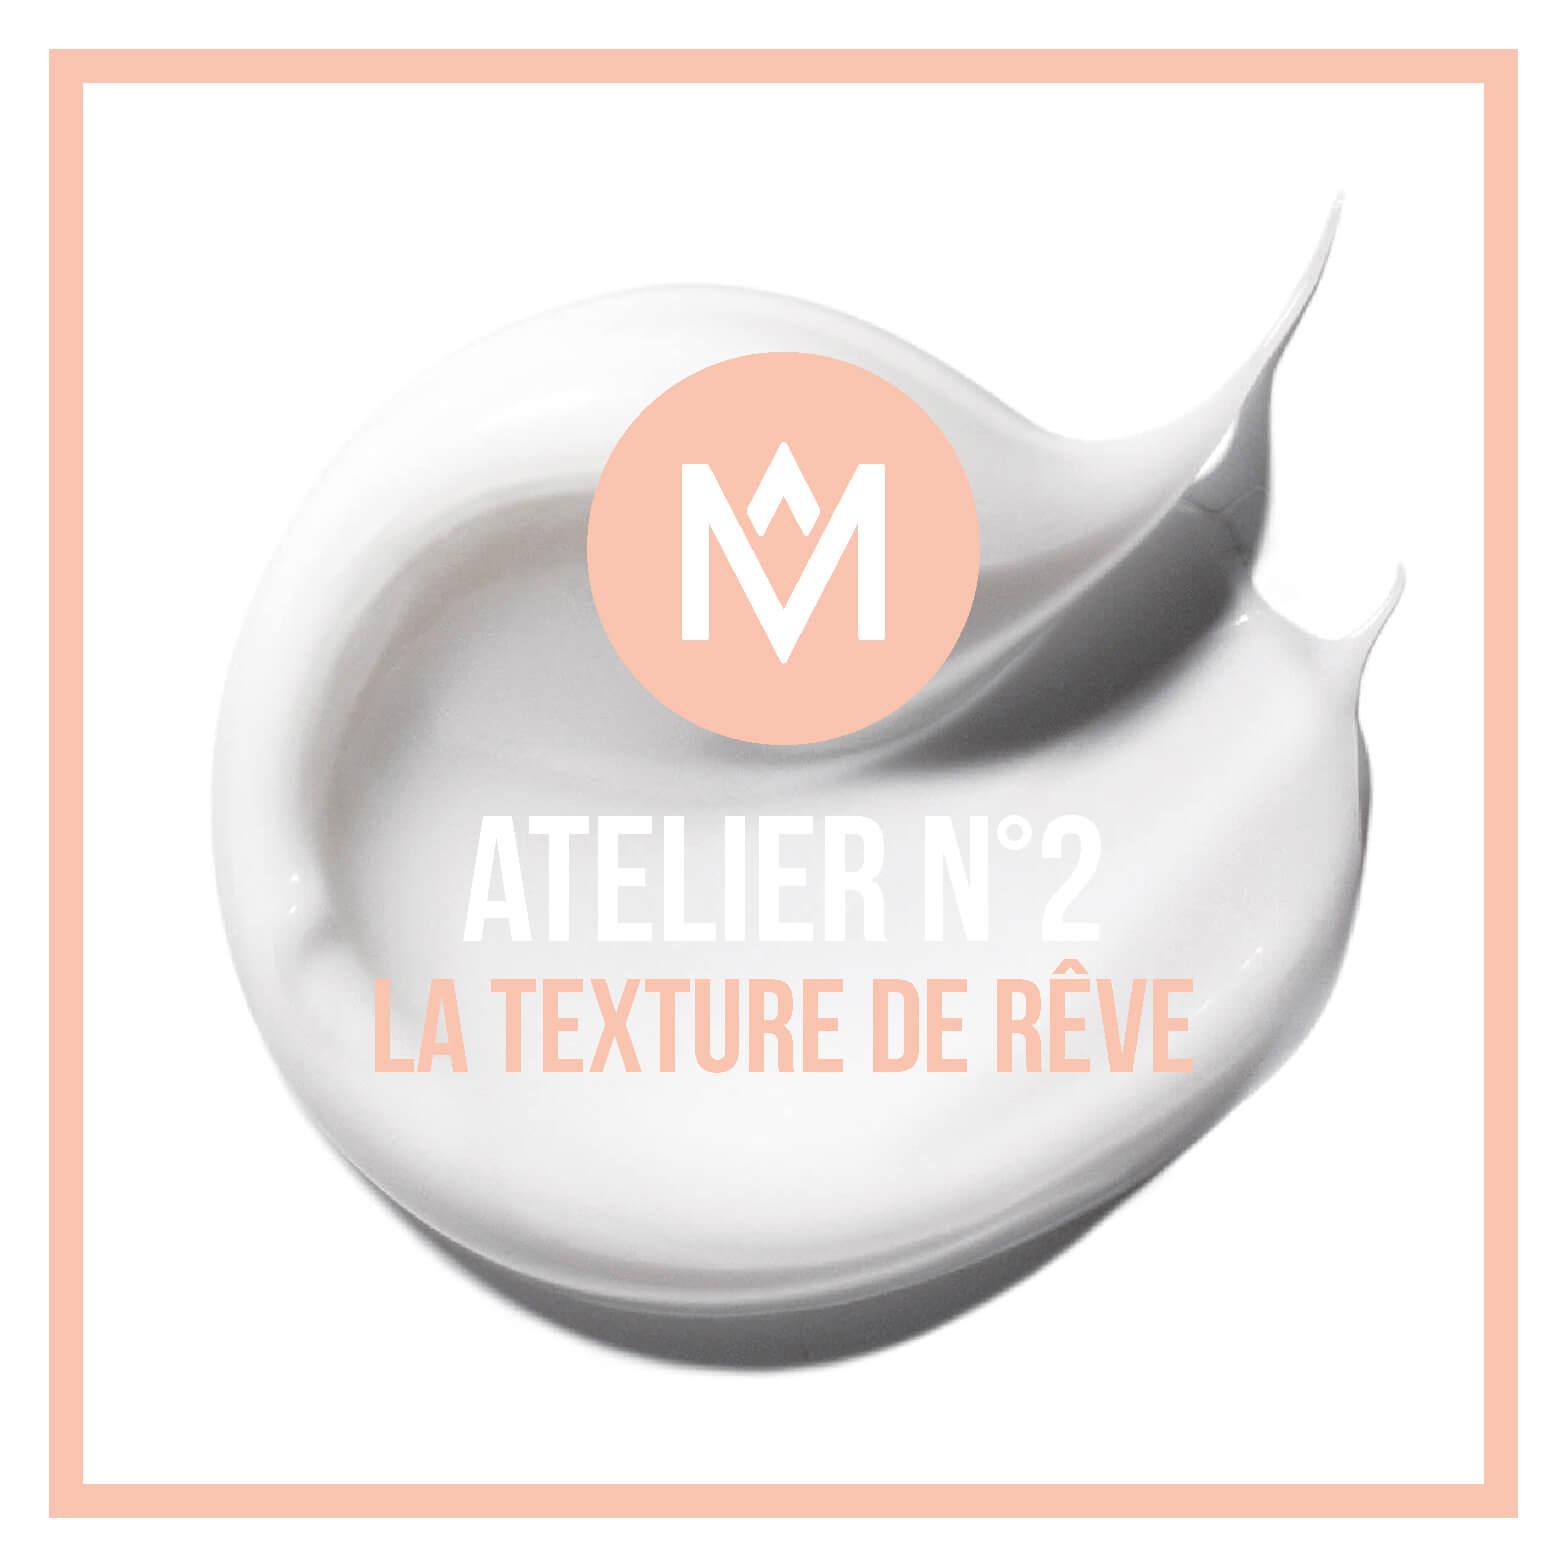 Atelier MEME 2 La texture de REve